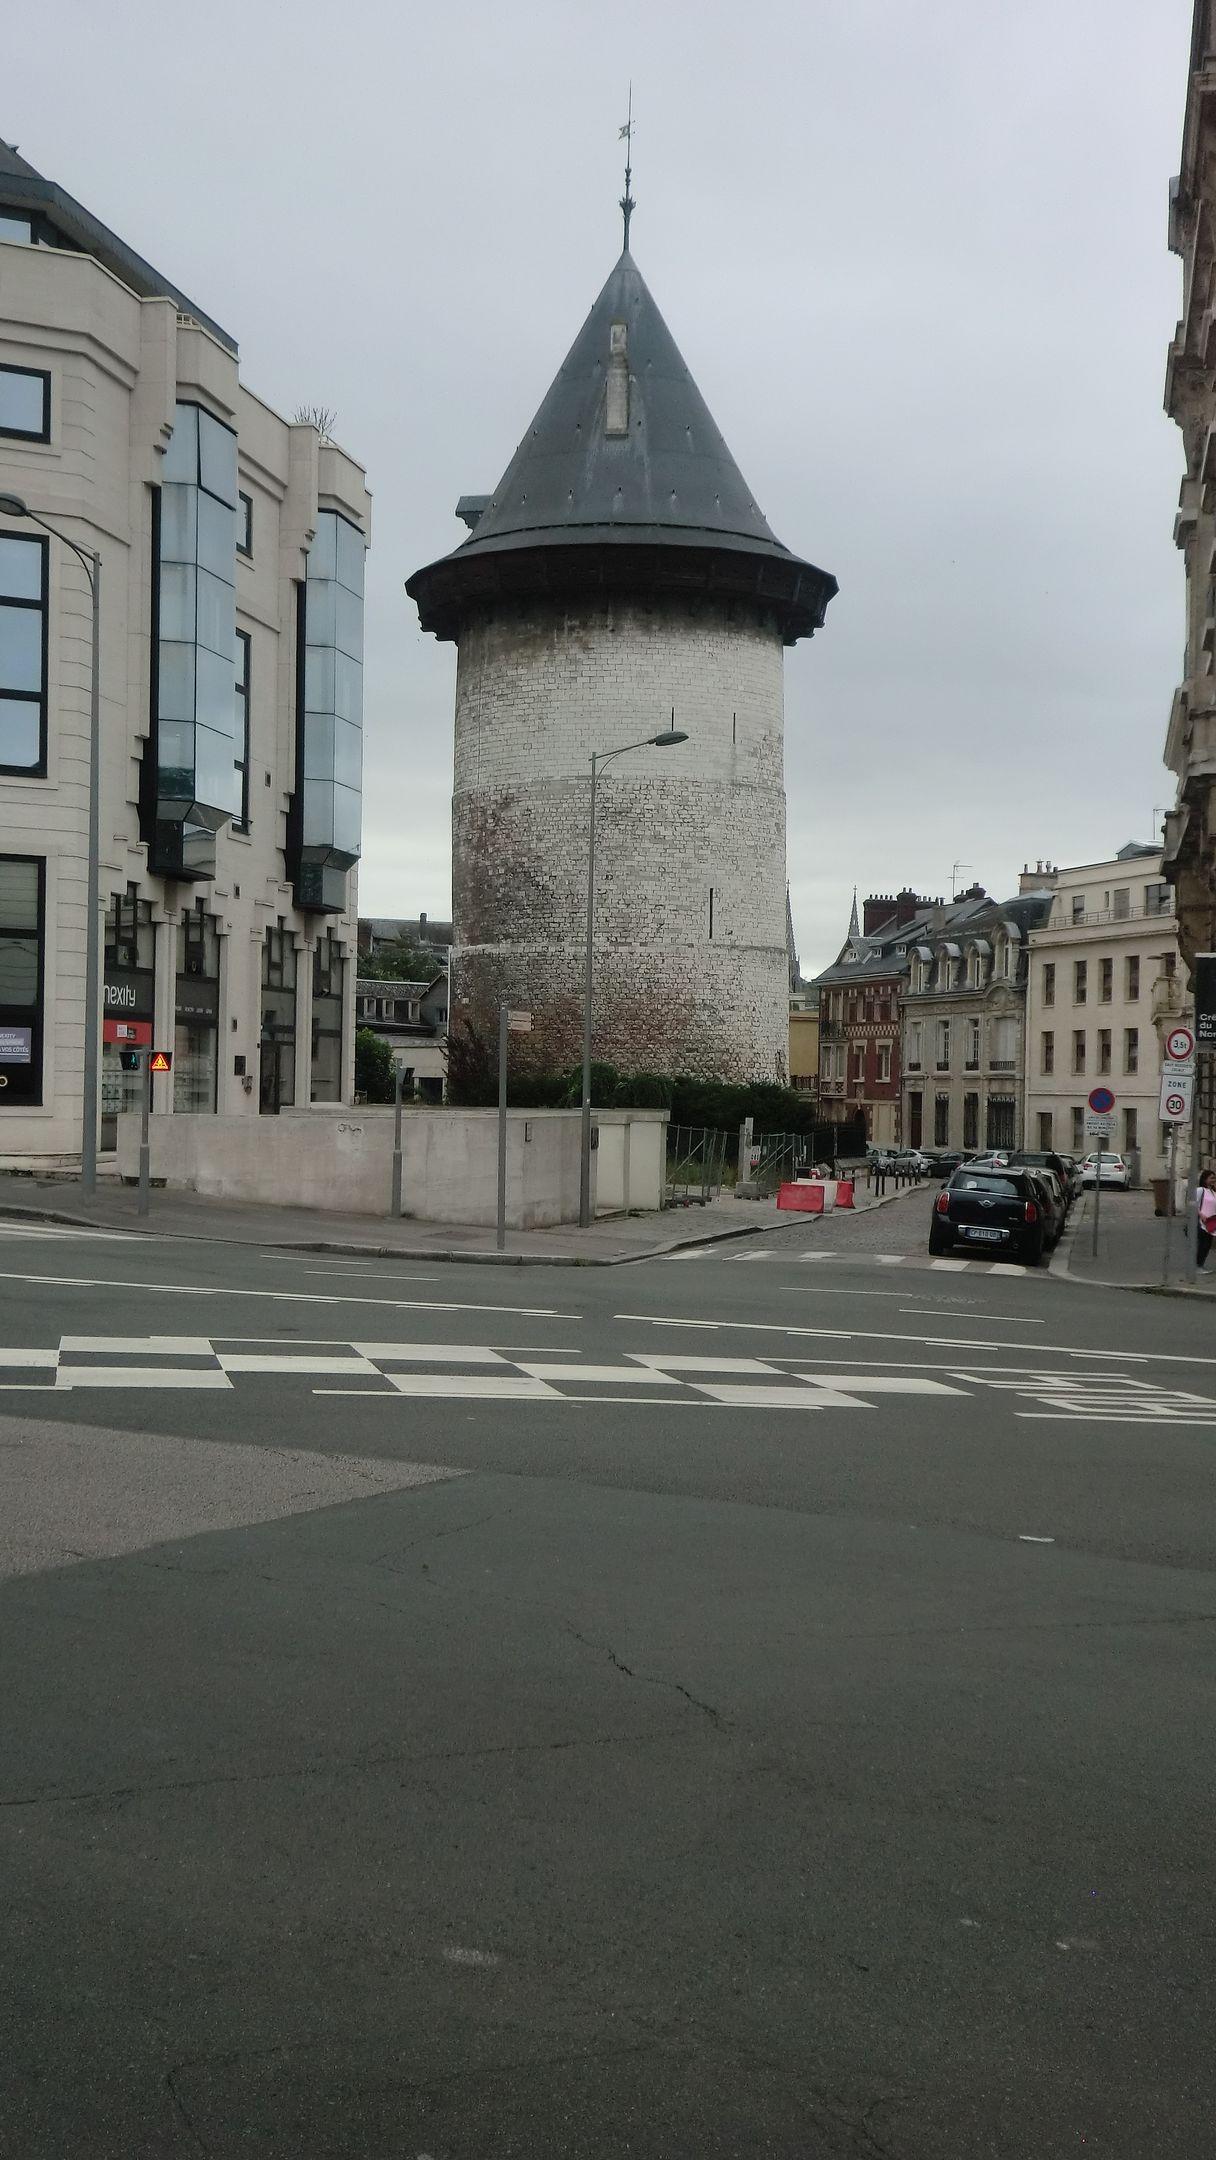 ジャンヌの塔